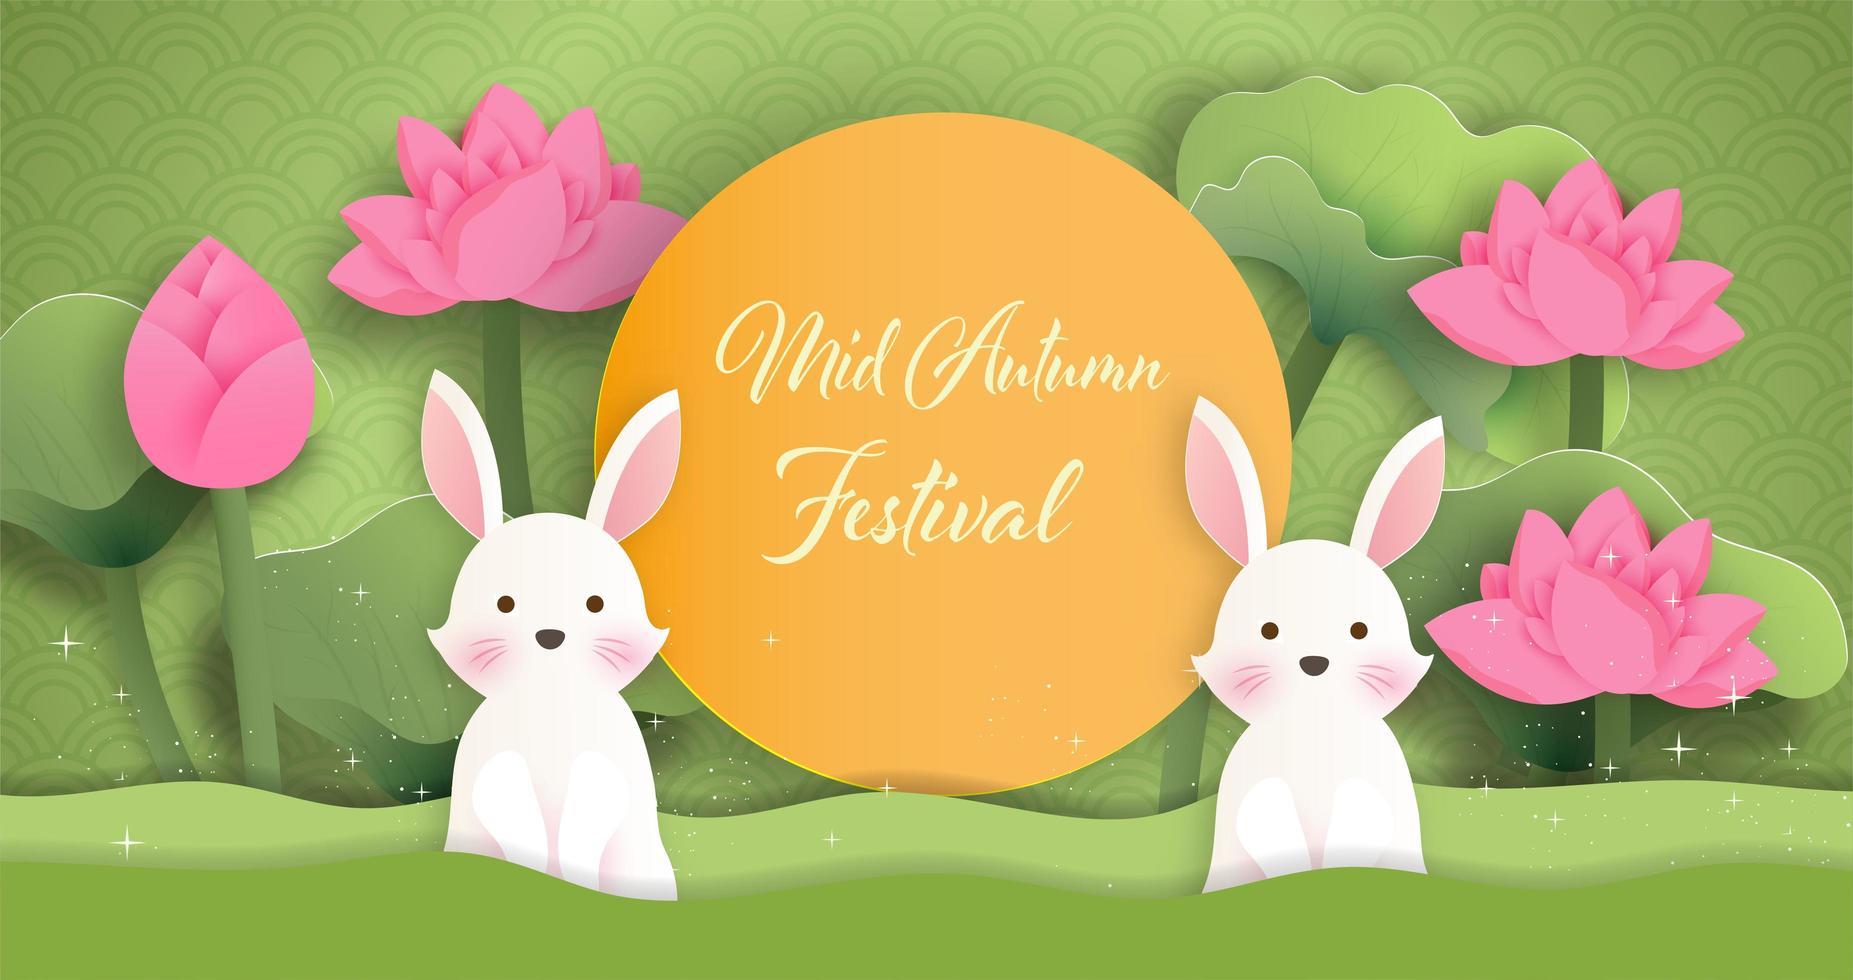 medio herfst festival banner met konijnen in de tuin vector